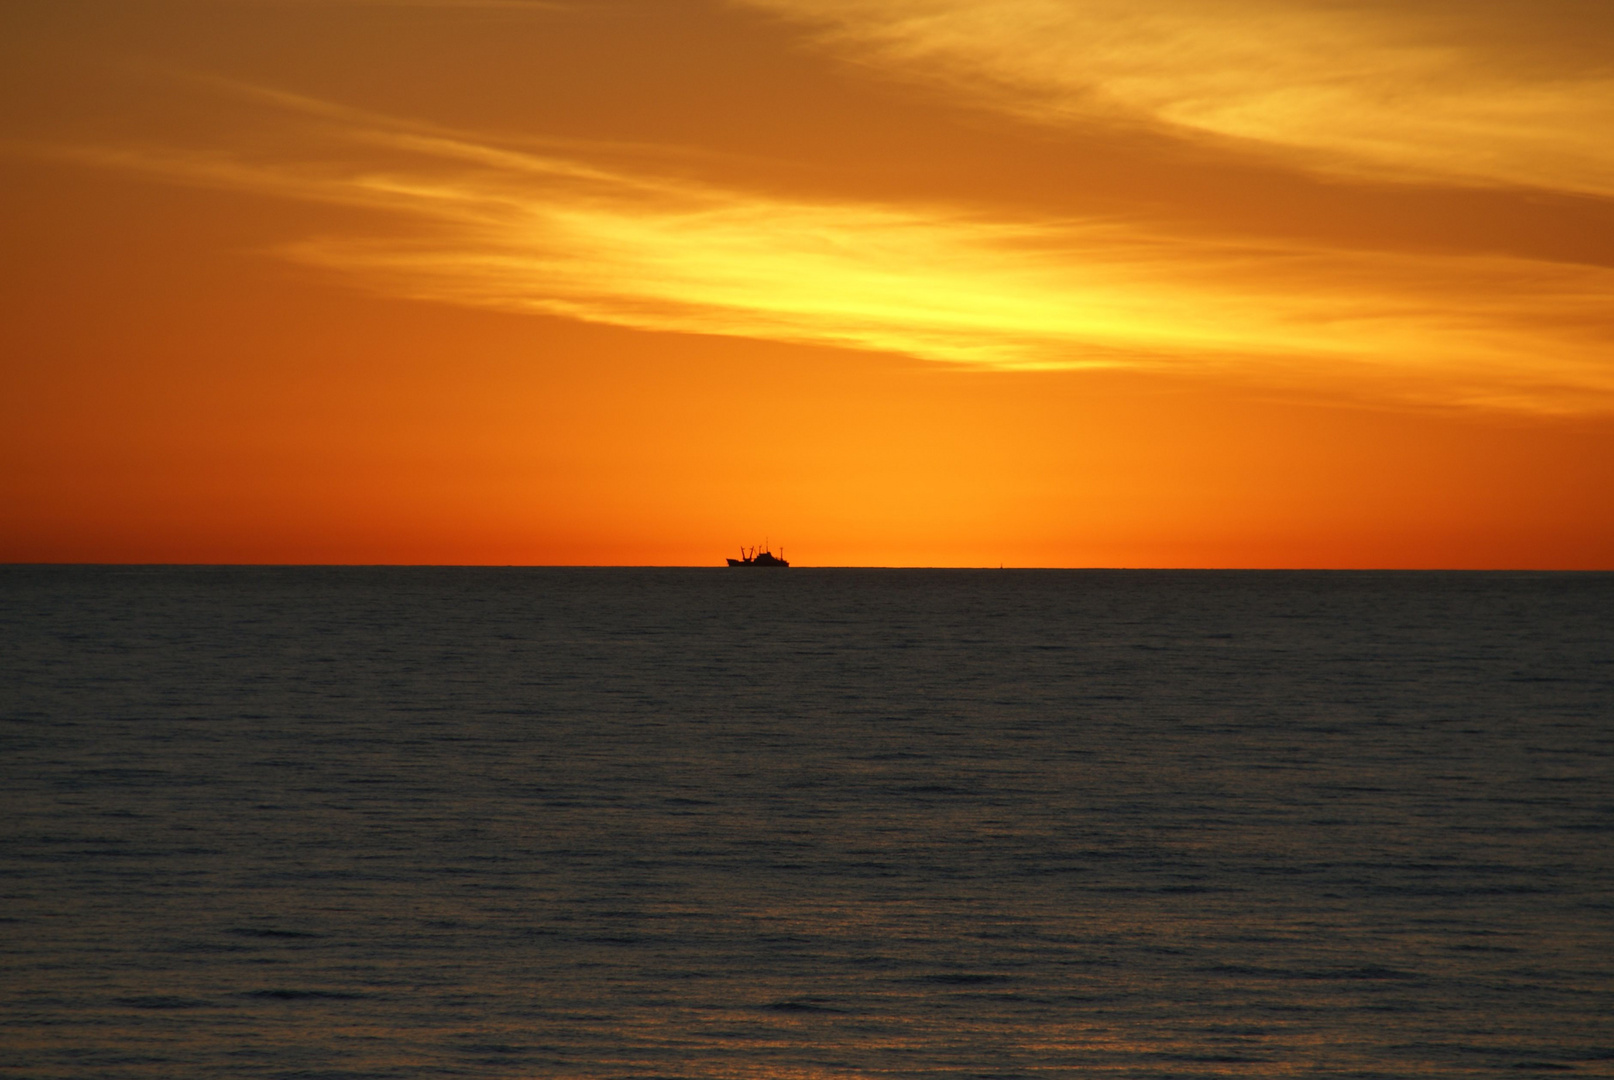 Sonnenaufgang im Delta des Rio de la Plata in Buenos Aires